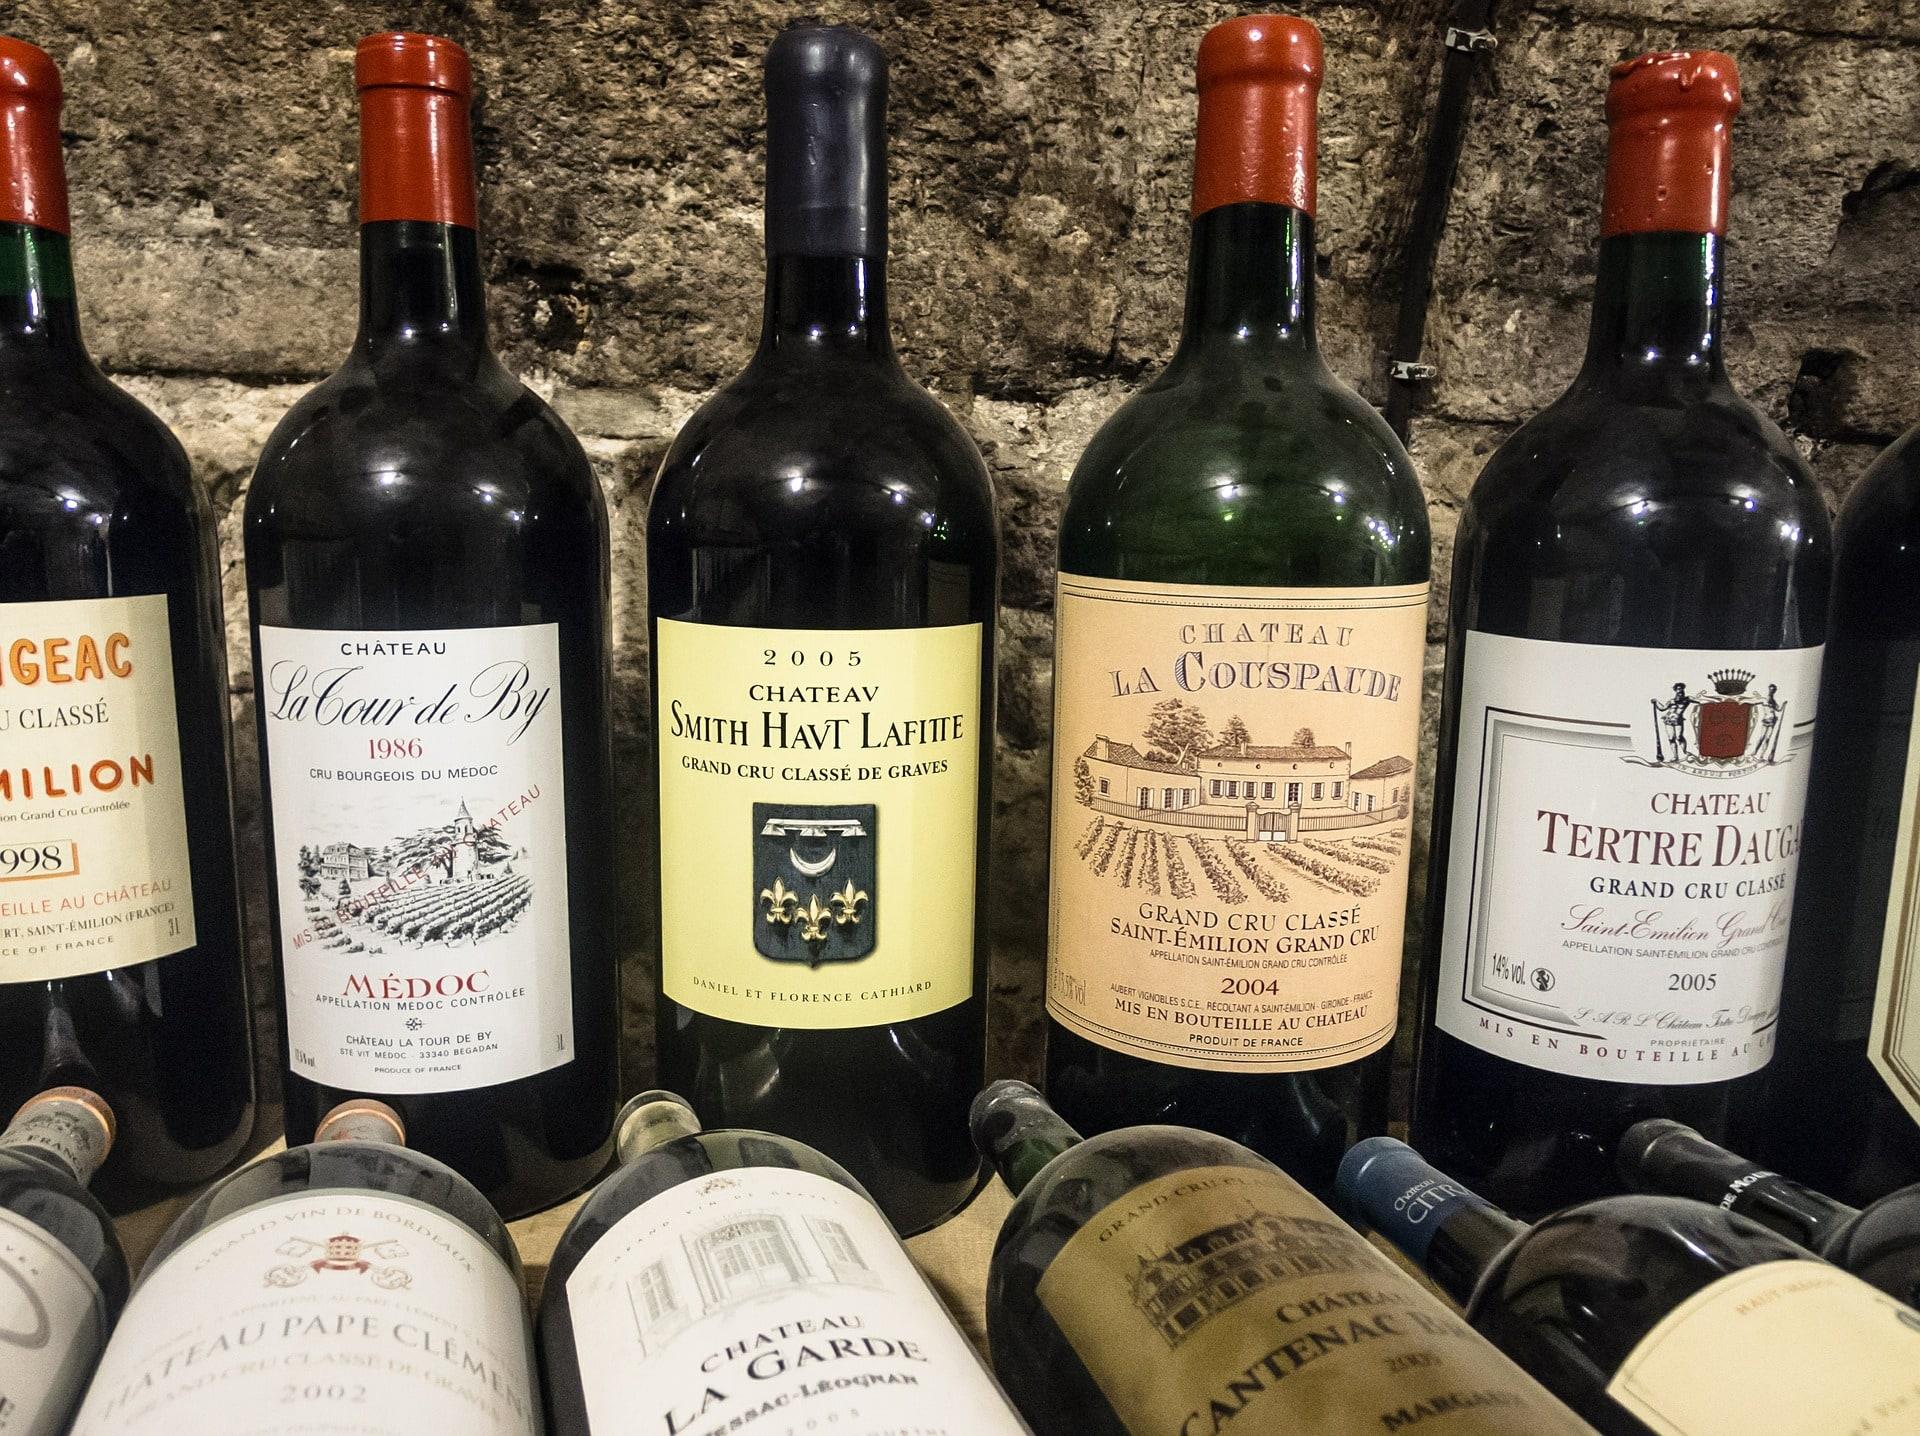 Un vin de Bordeaux d'une dizaine d'années se marie bien avec le gigot d'agneau